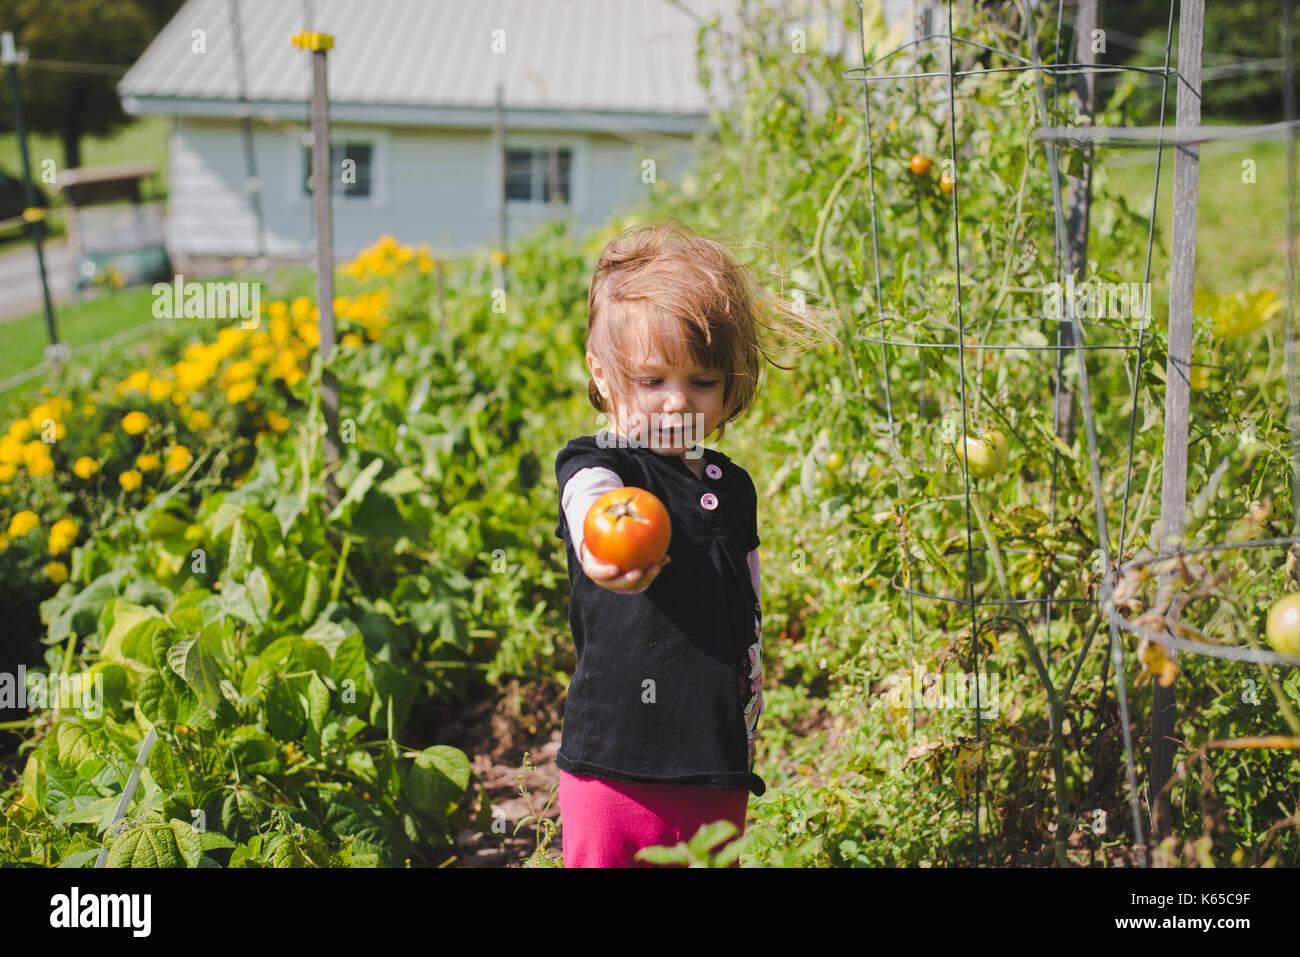 Ein junges Mädchen hält eine Tomate in ihrer Hand nach der Entnahme aus dem gardne. Stockbild